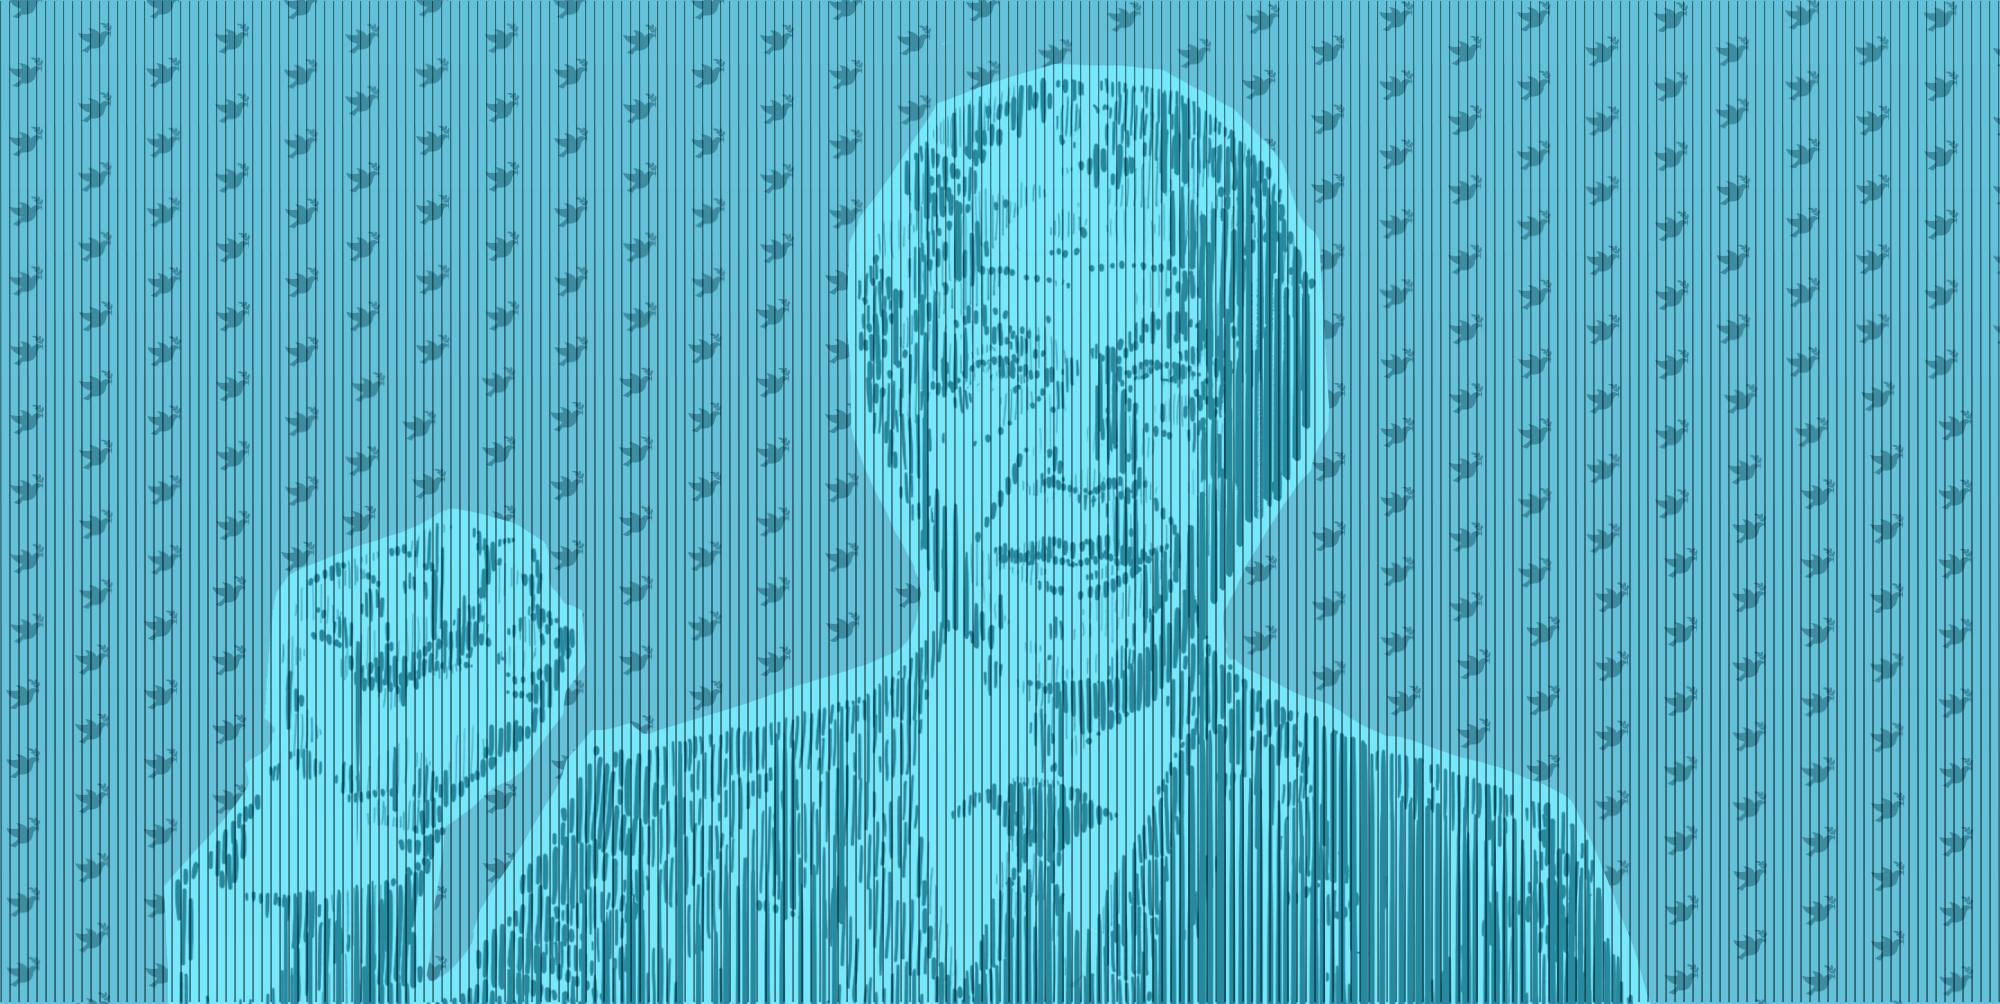 Nelson-Mandela-Sudáfrica-Historia-John-Carlin-Violencia-Apartheid-Fin-Quien-fue-Portada